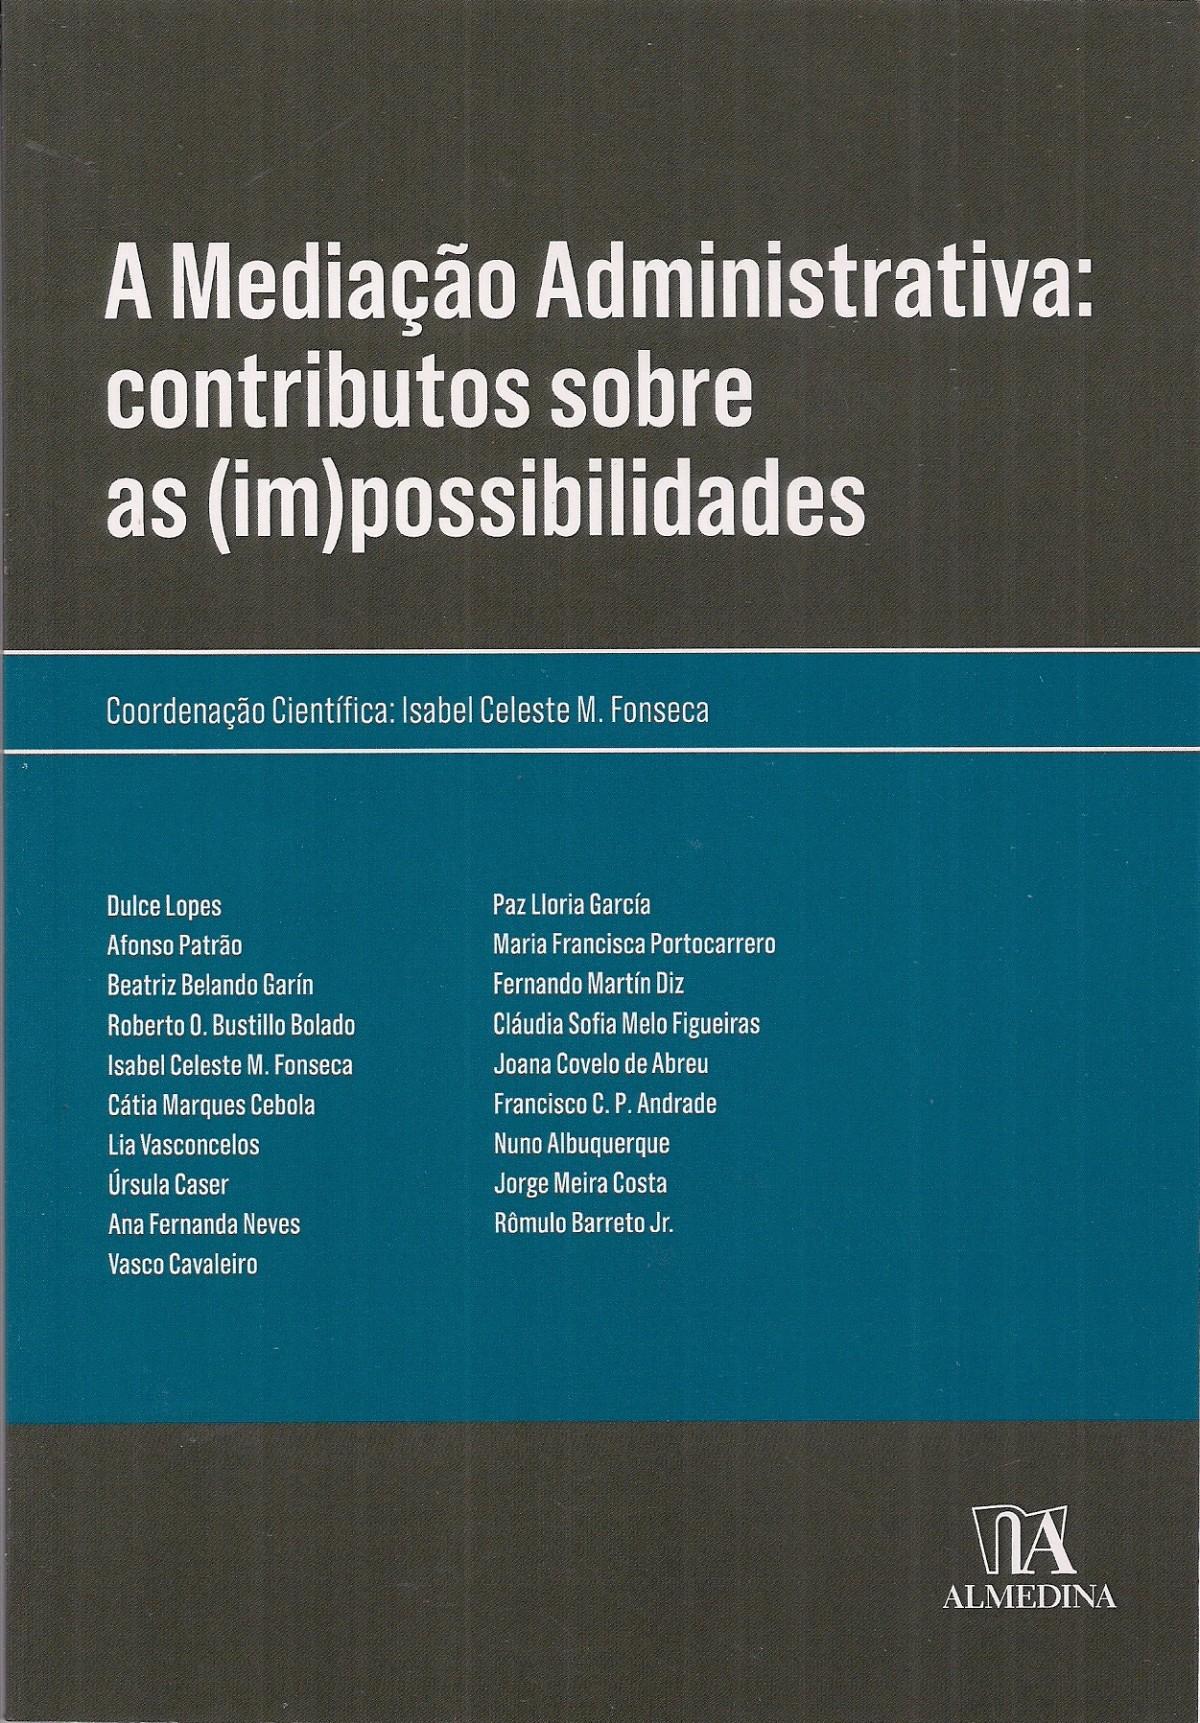 Foto 1 - A Mediação Administrativa contritutos sobre as (im)possibilidades